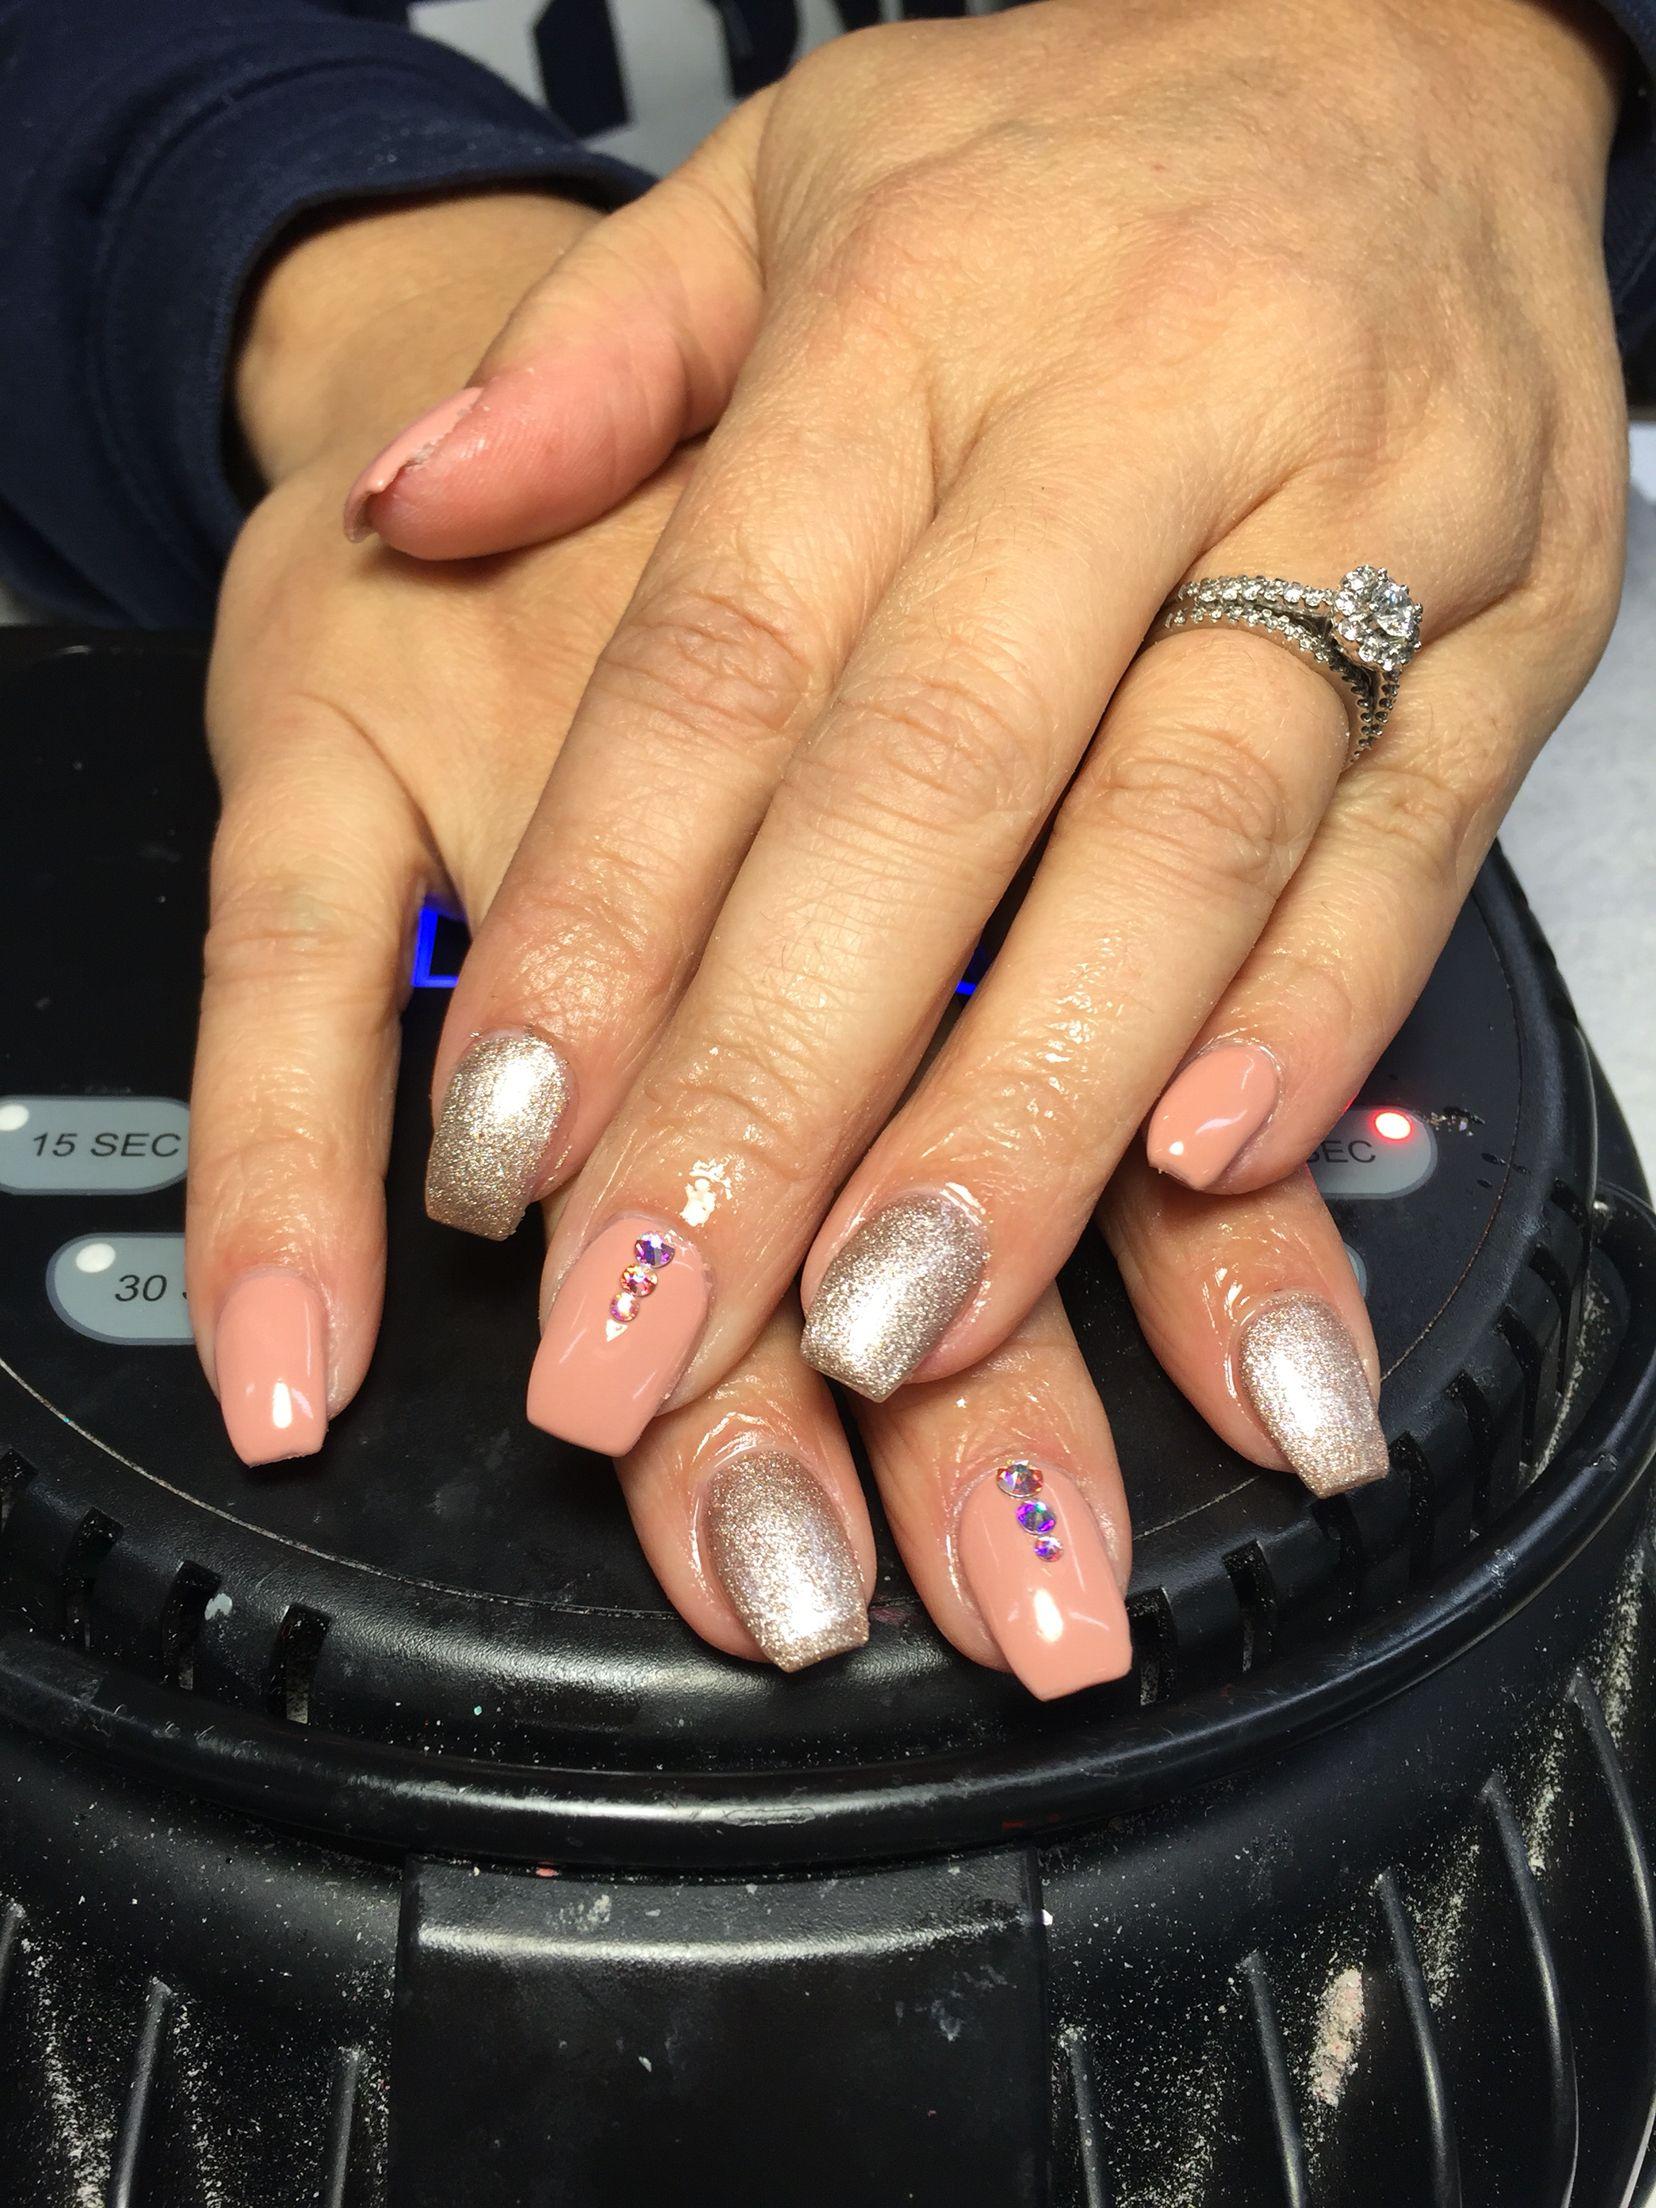 Nails, bling, coffin, nail design, LG Salon | LG SALON 1415 Skyline ...